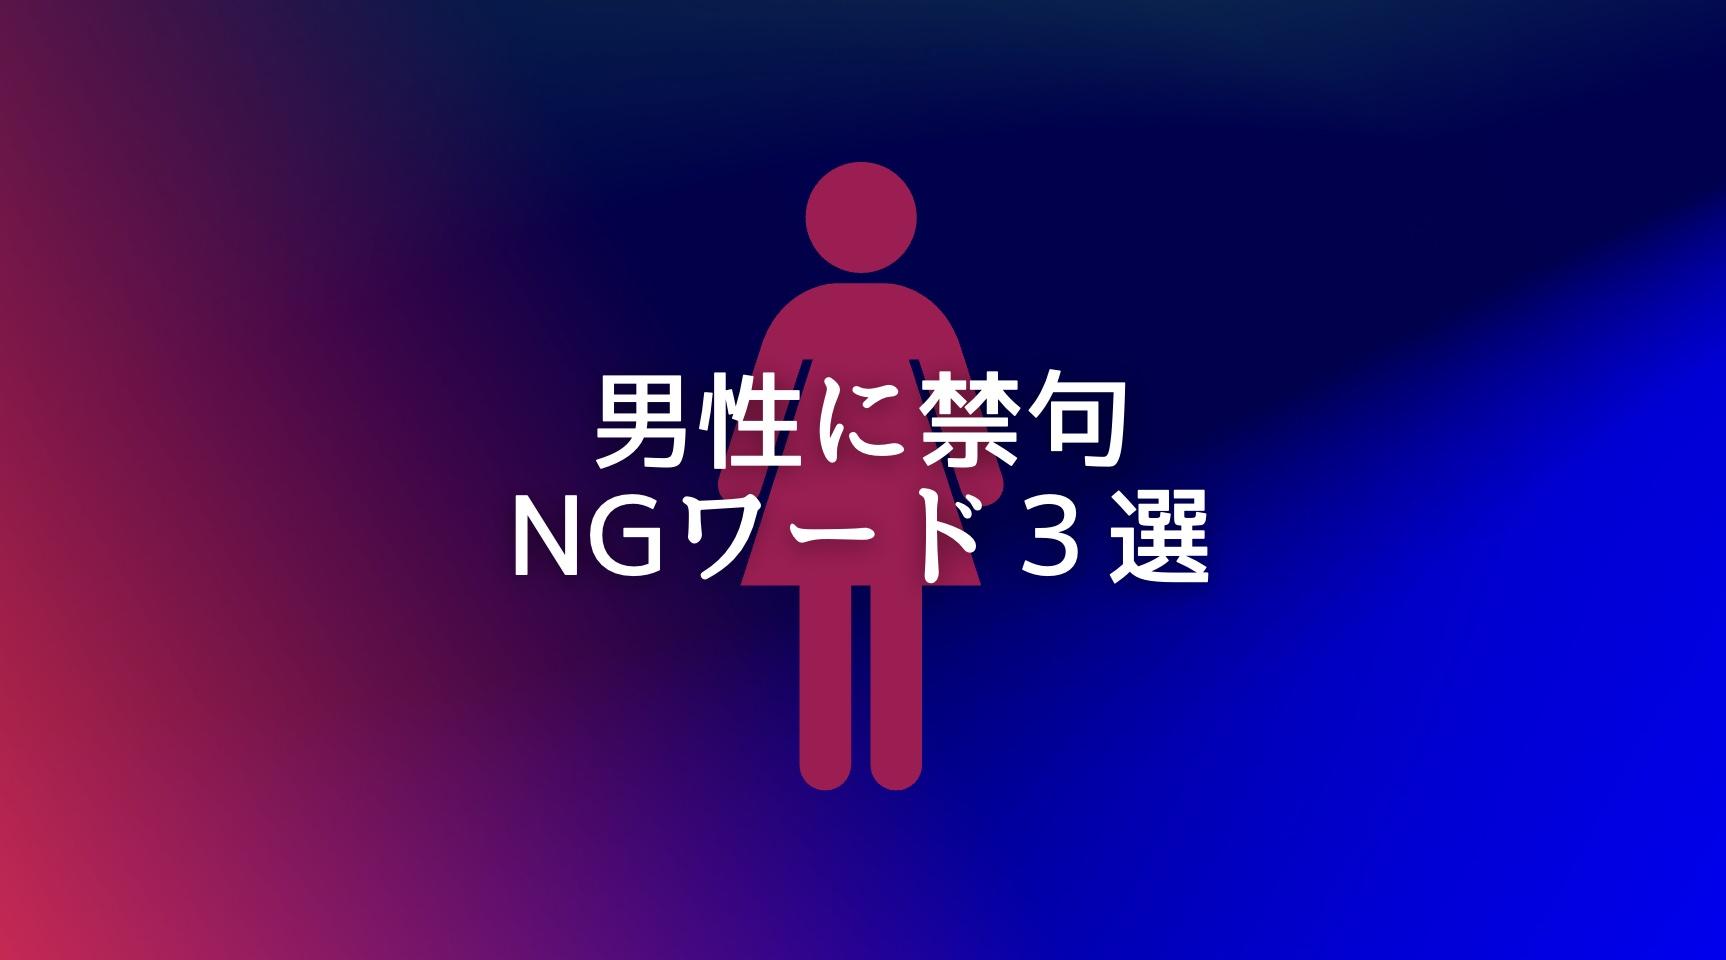 男性に禁句NGワード3選のアイキャッチ画像